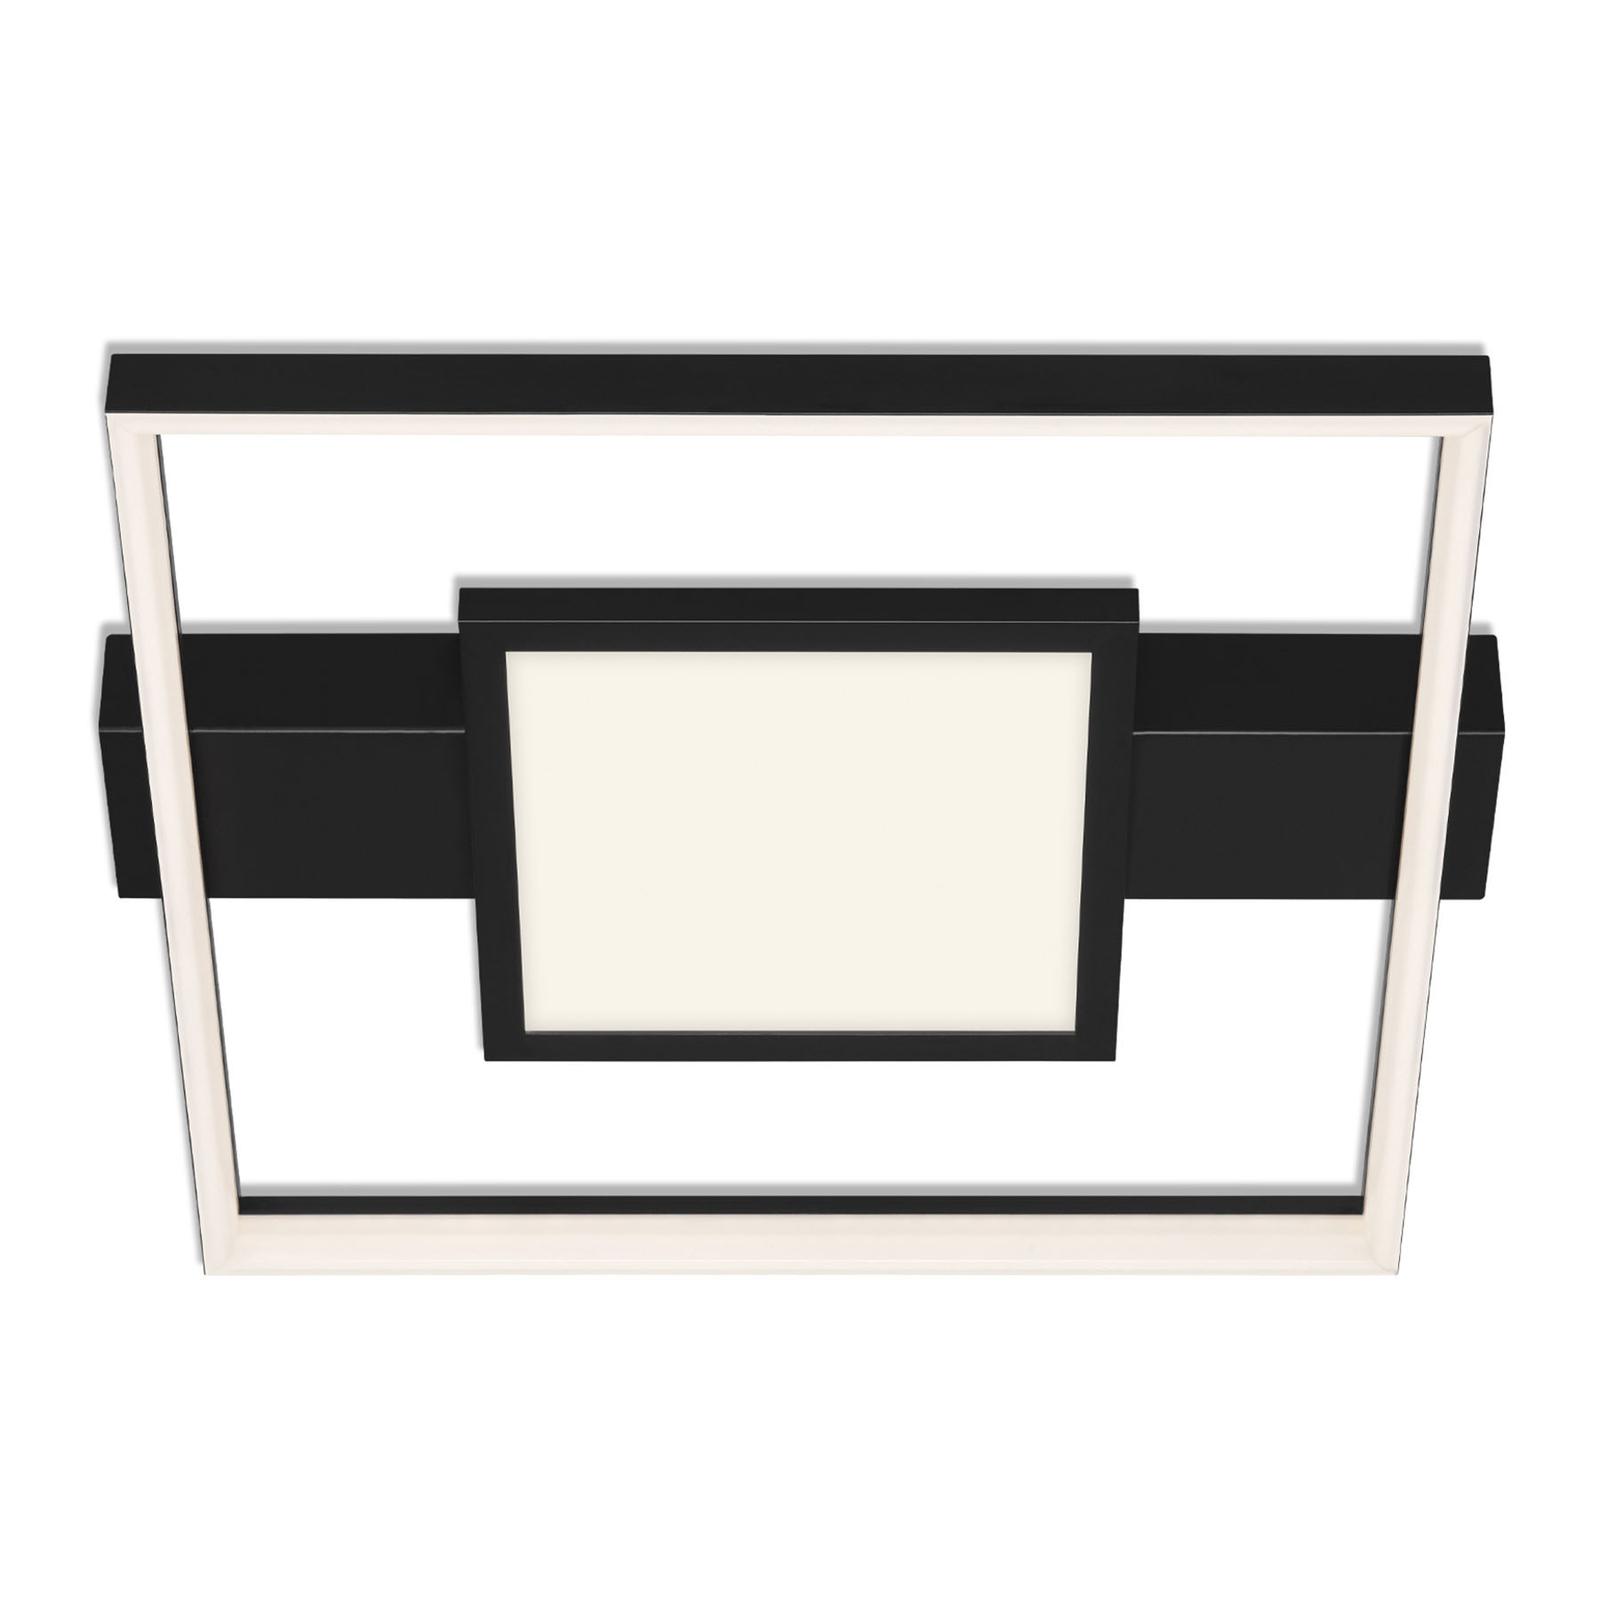 LED-loftlampe 3028, rektangulær, sort, 2 lyskilder